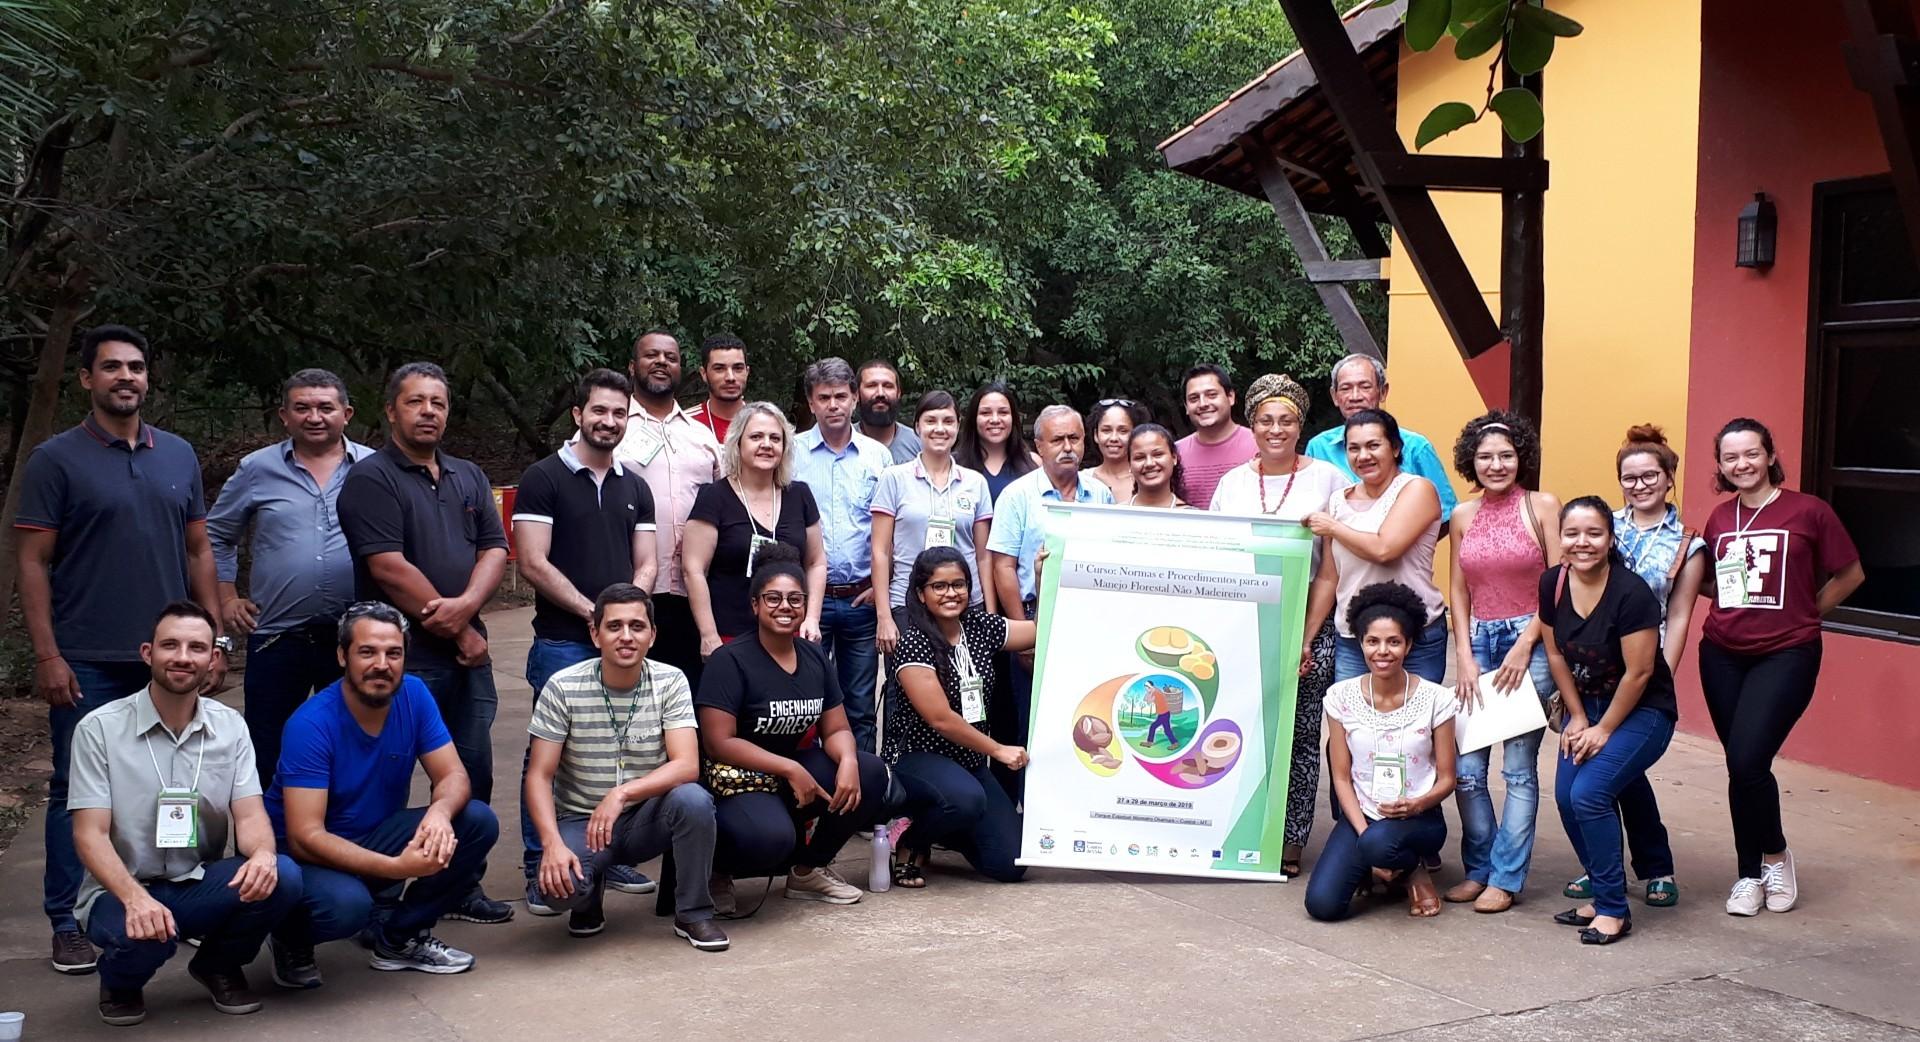 Coletores de castanha, gestores públicos, técnicos e sociedade acadêmica participaram da formação (Foto: Vanessa Correa)